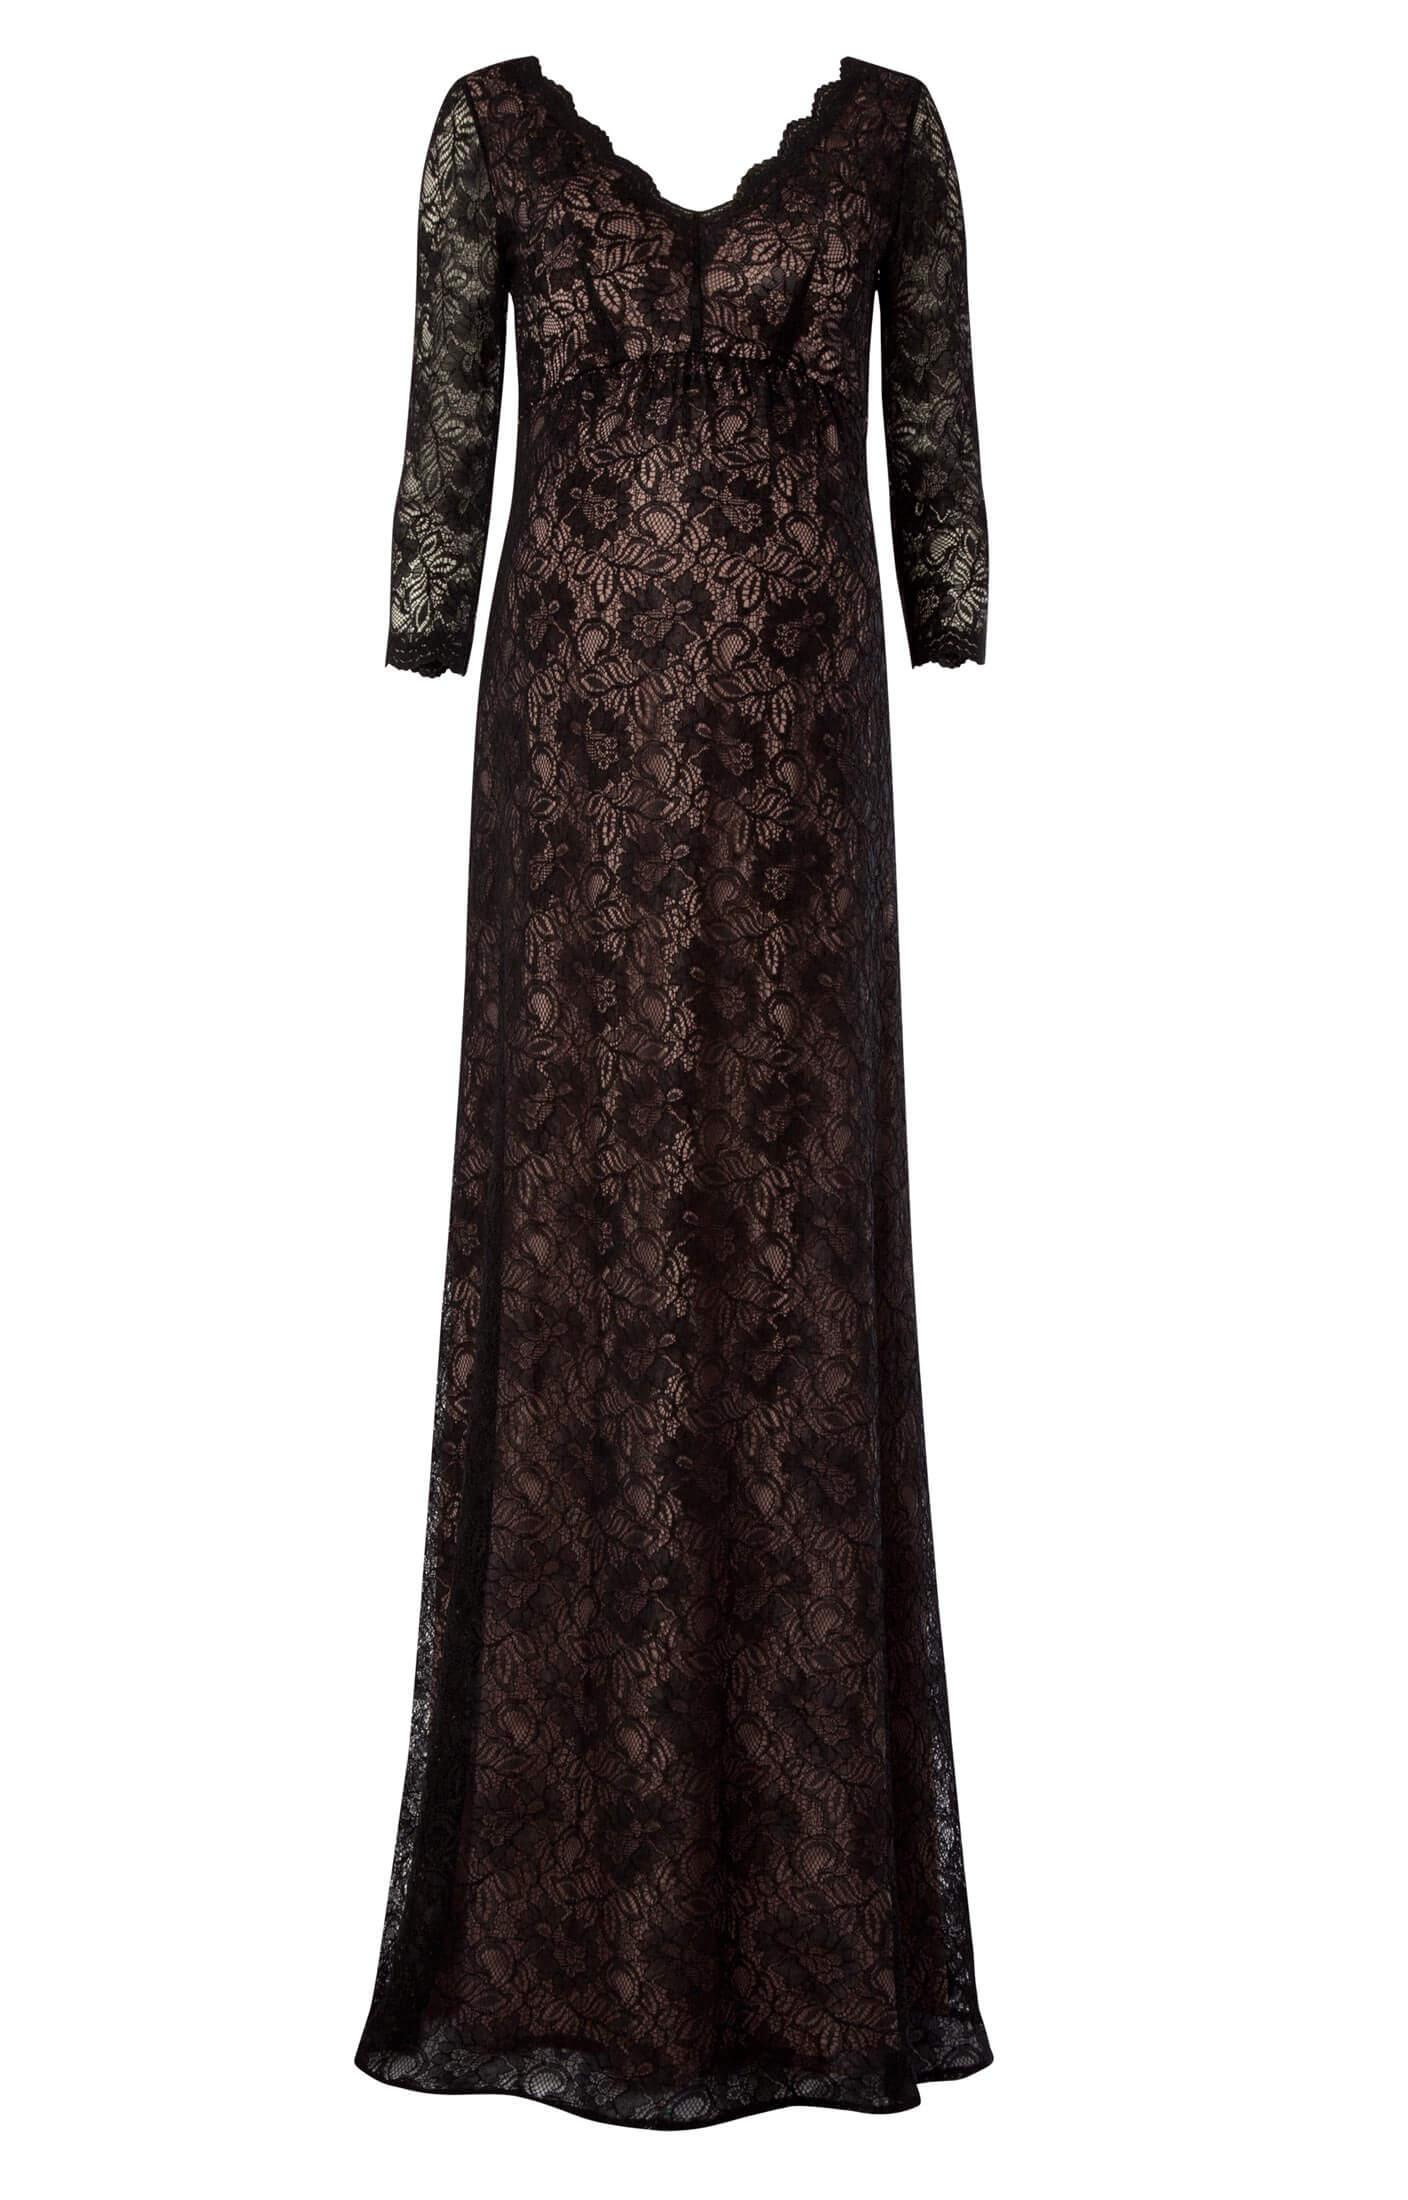 spitzenkleid chloe blush noir umstandshochzeitskleider abendgarderobe und partykleidung by. Black Bedroom Furniture Sets. Home Design Ideas